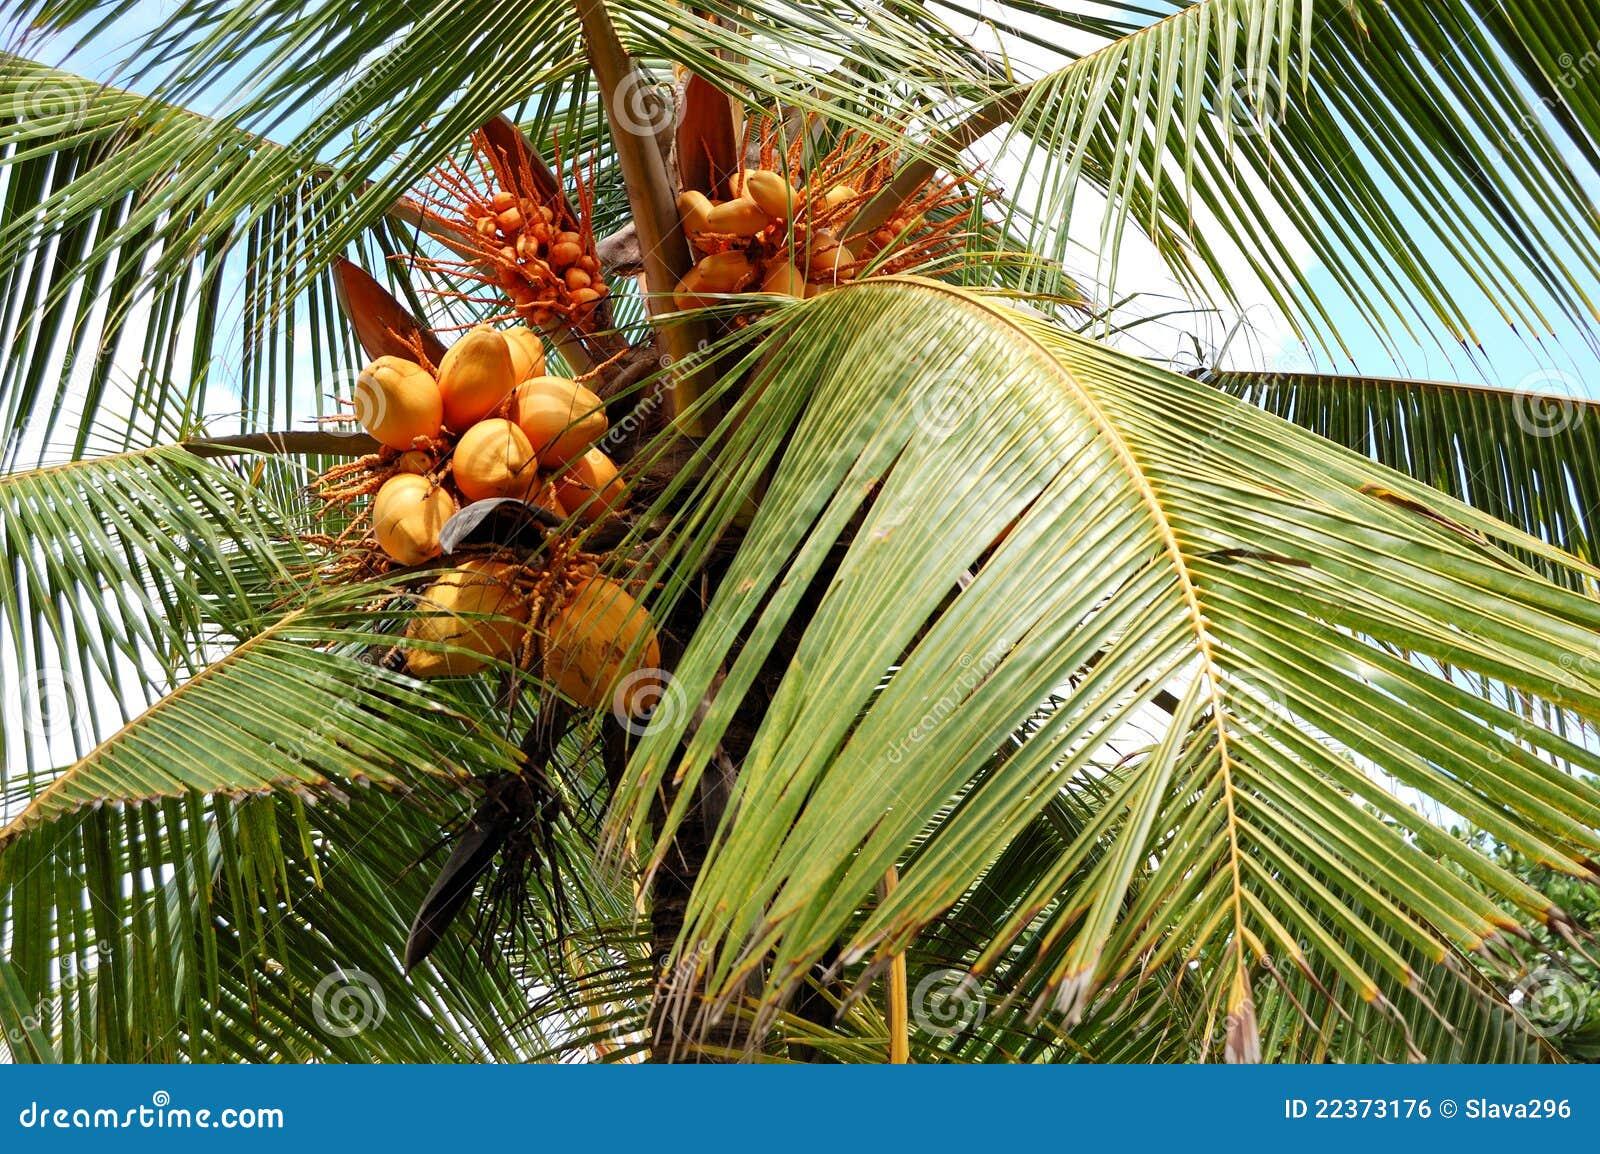 Raccolta della palma di noce di cocco con la frutta gialla - Palma di cocco ...